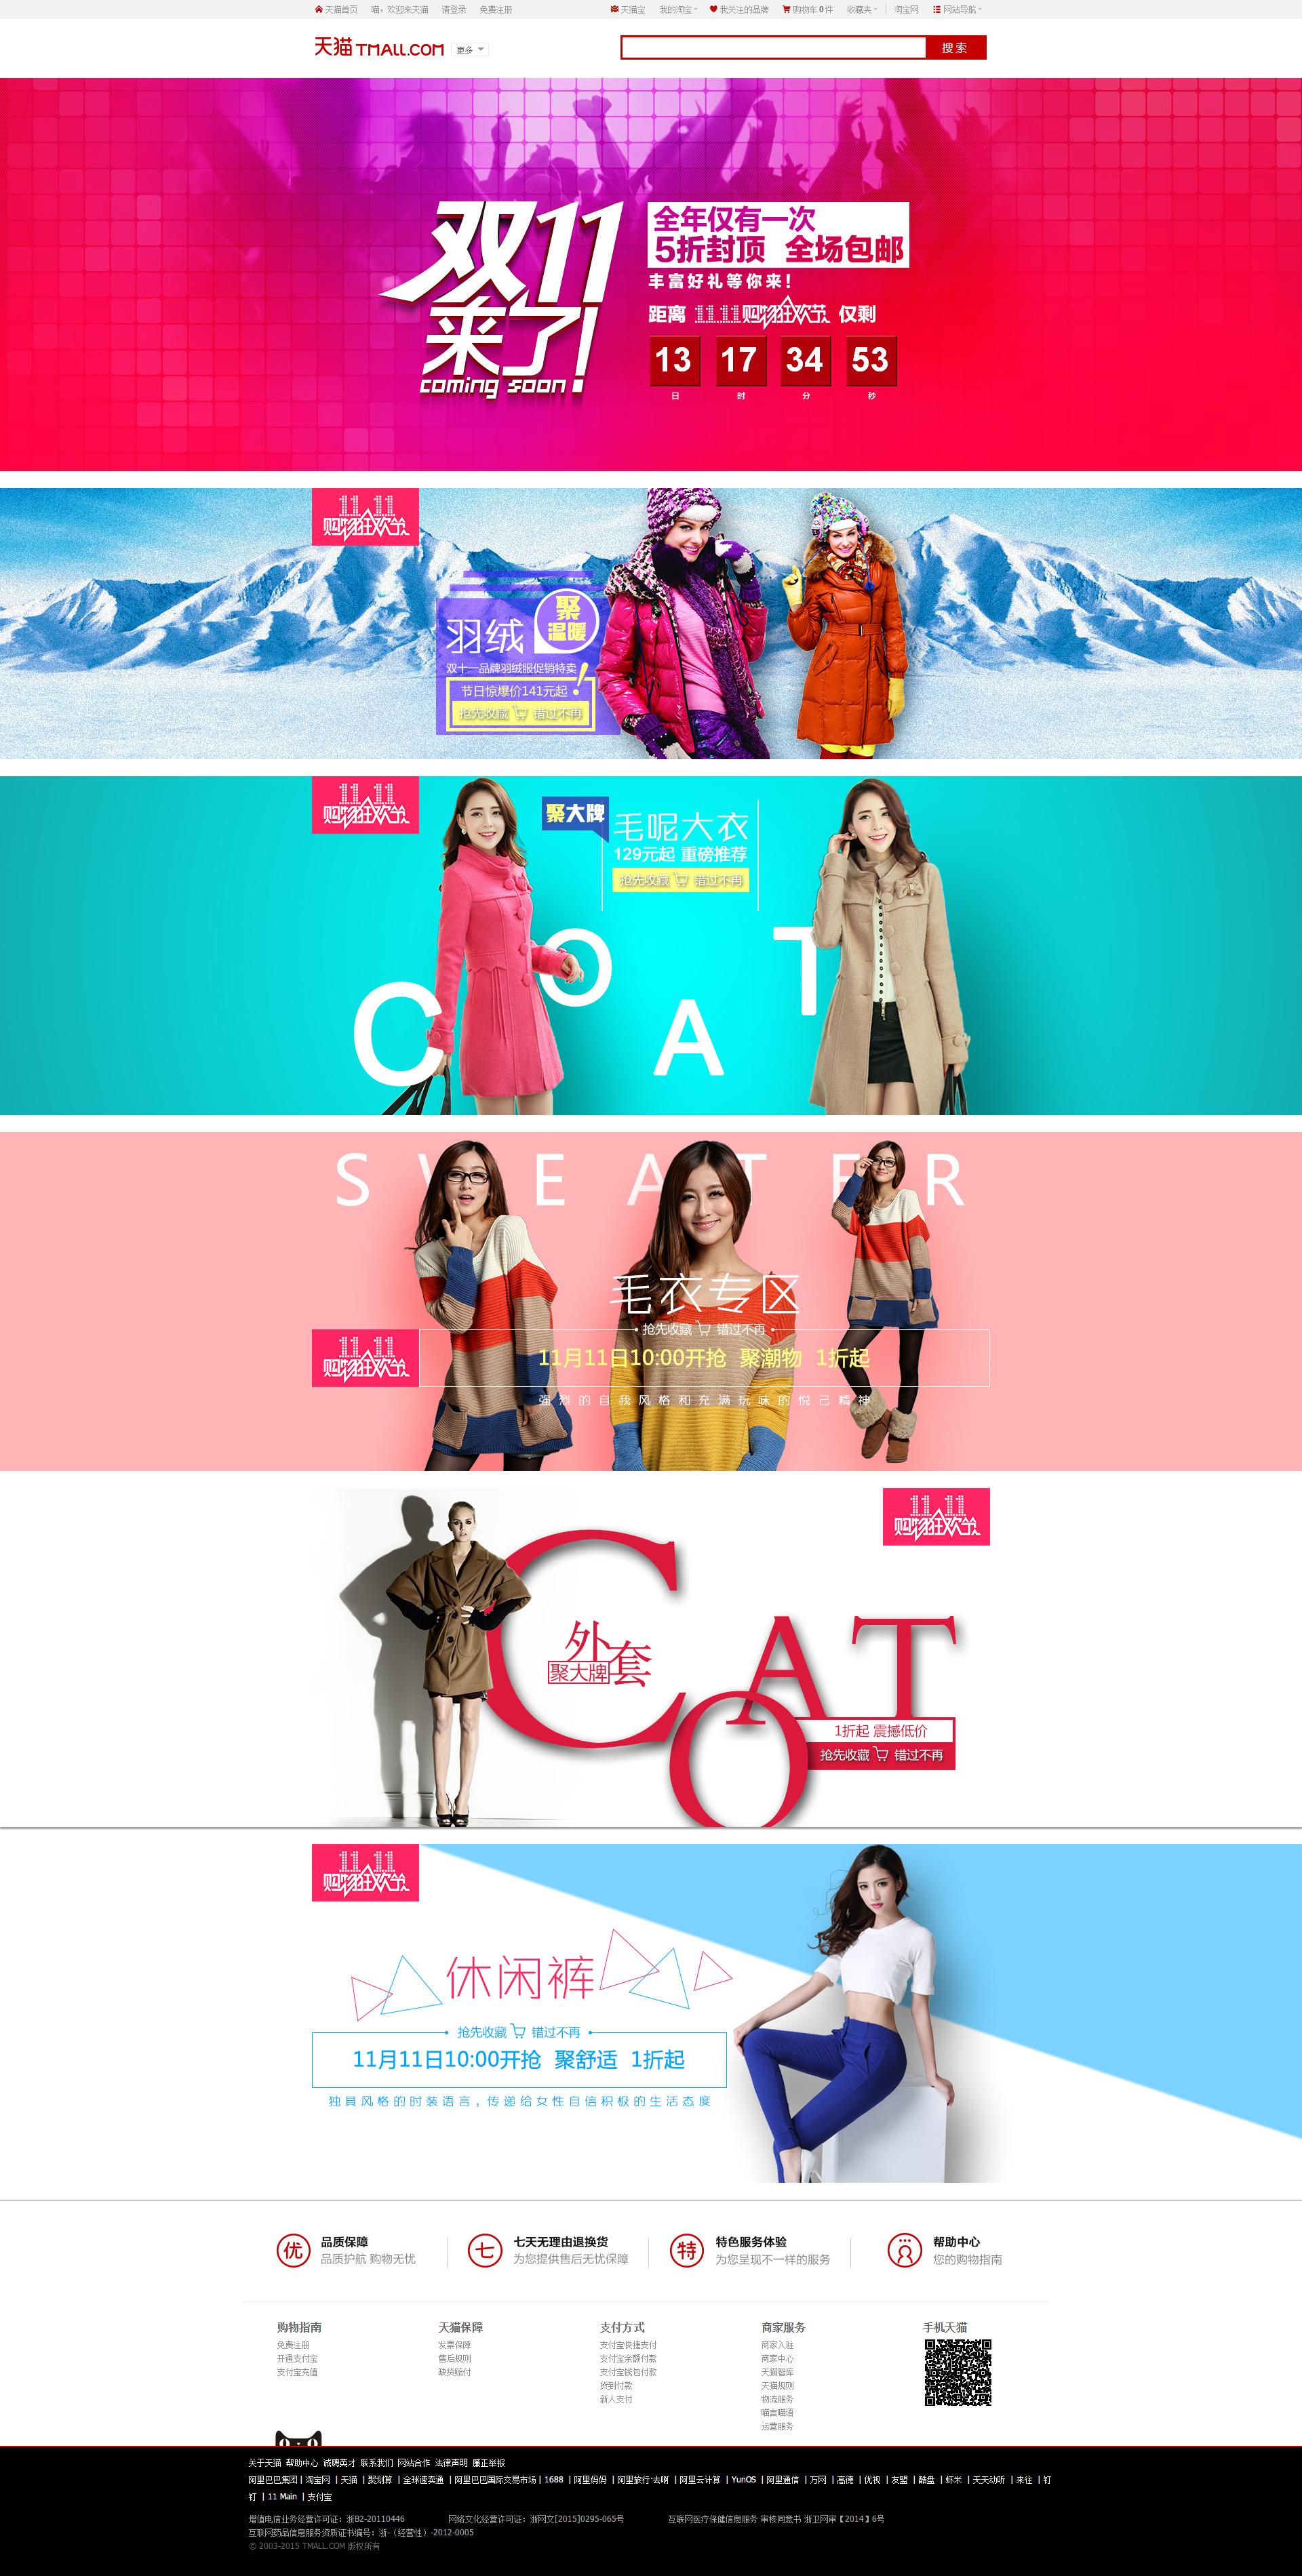 天猫双十一专题页设计|网页|banner/广告图|ning图片